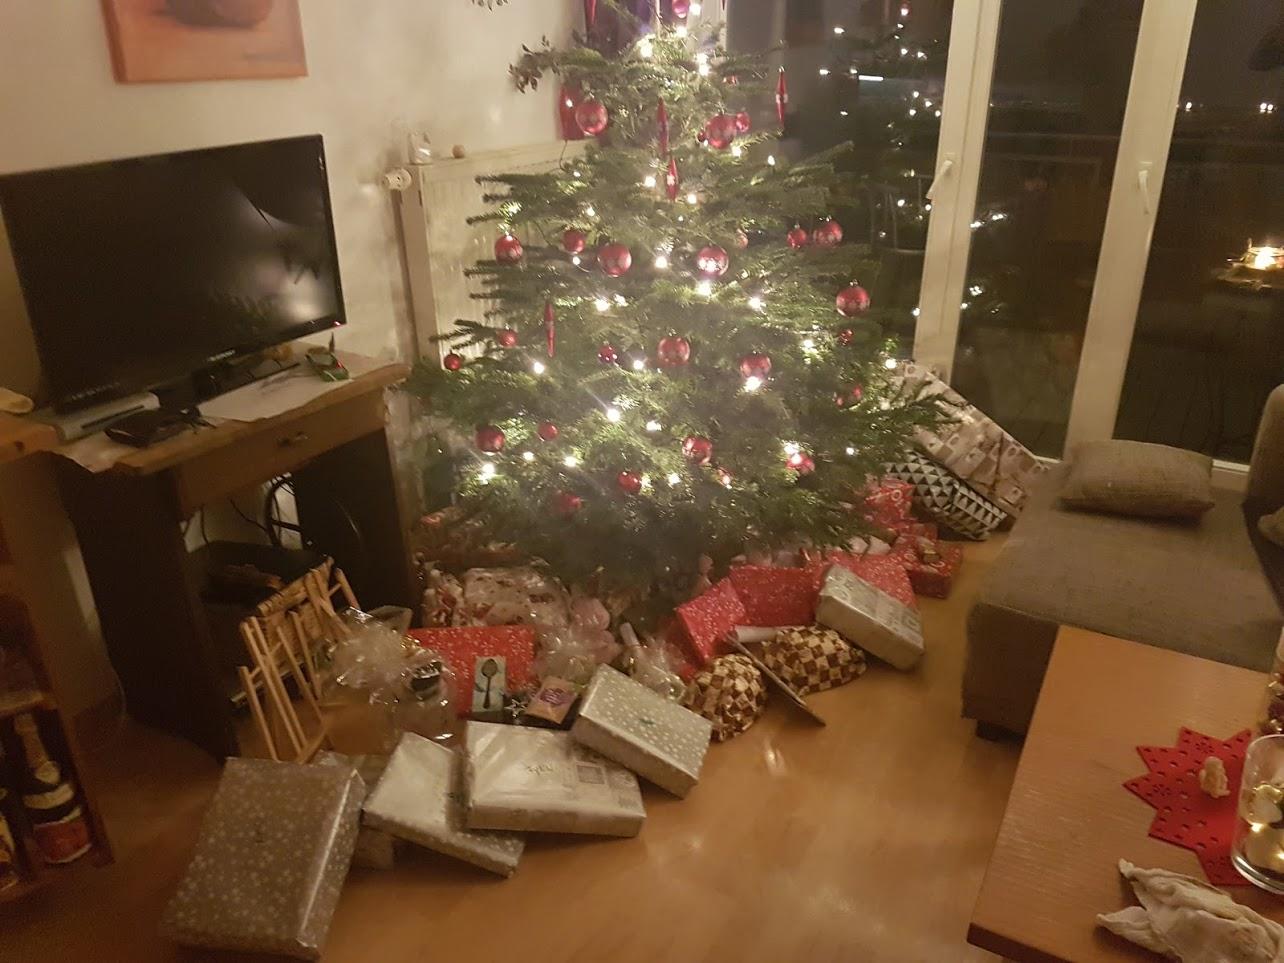 Zu viele Geschenke unter dem Weihnachtsbaum